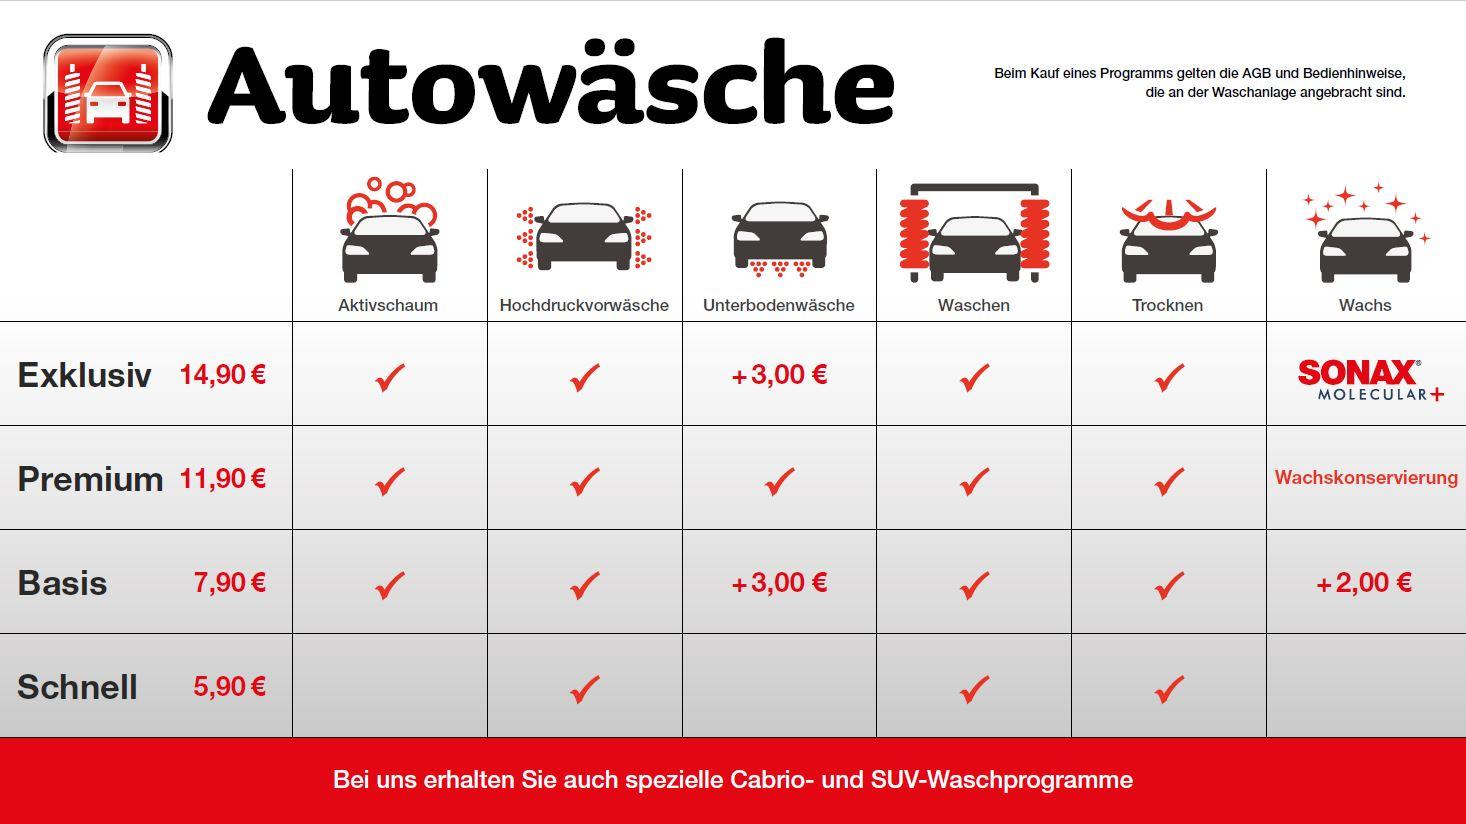 AVIA-Tankstelle Horb a.N. - Preisliste Waschanlage Horb